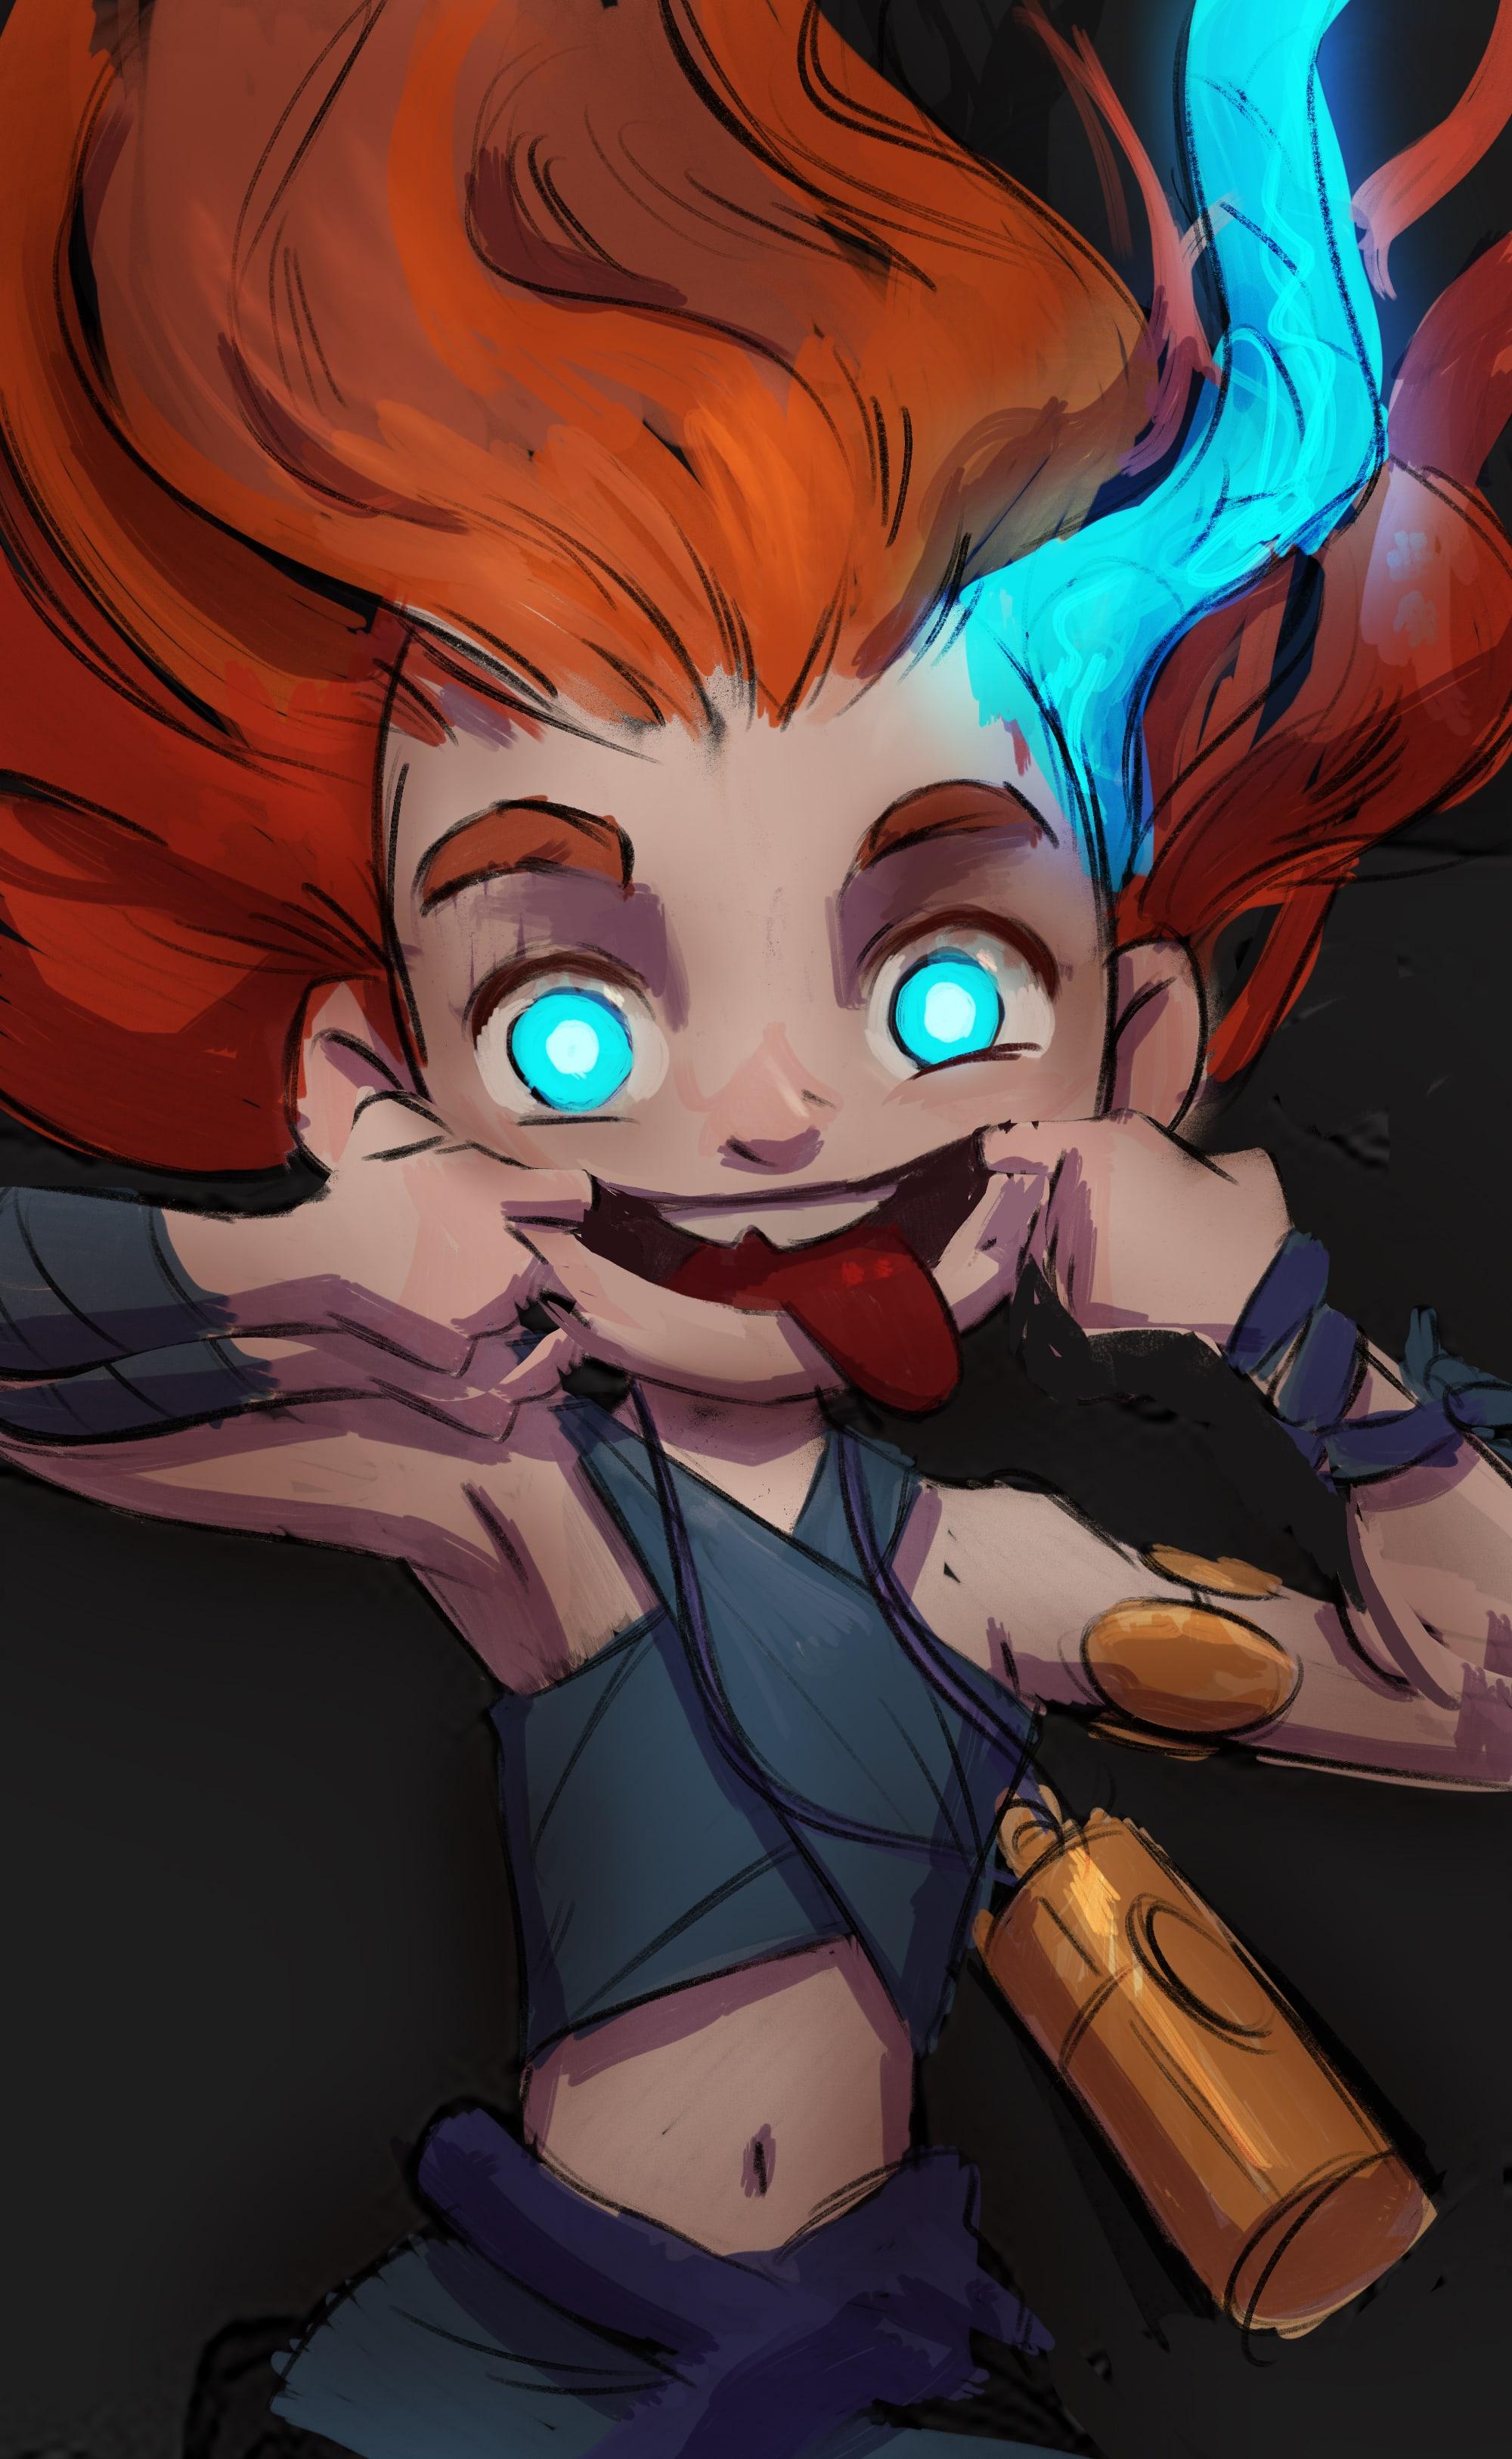 Zoe League Of Legends : league, legends, League, Legends